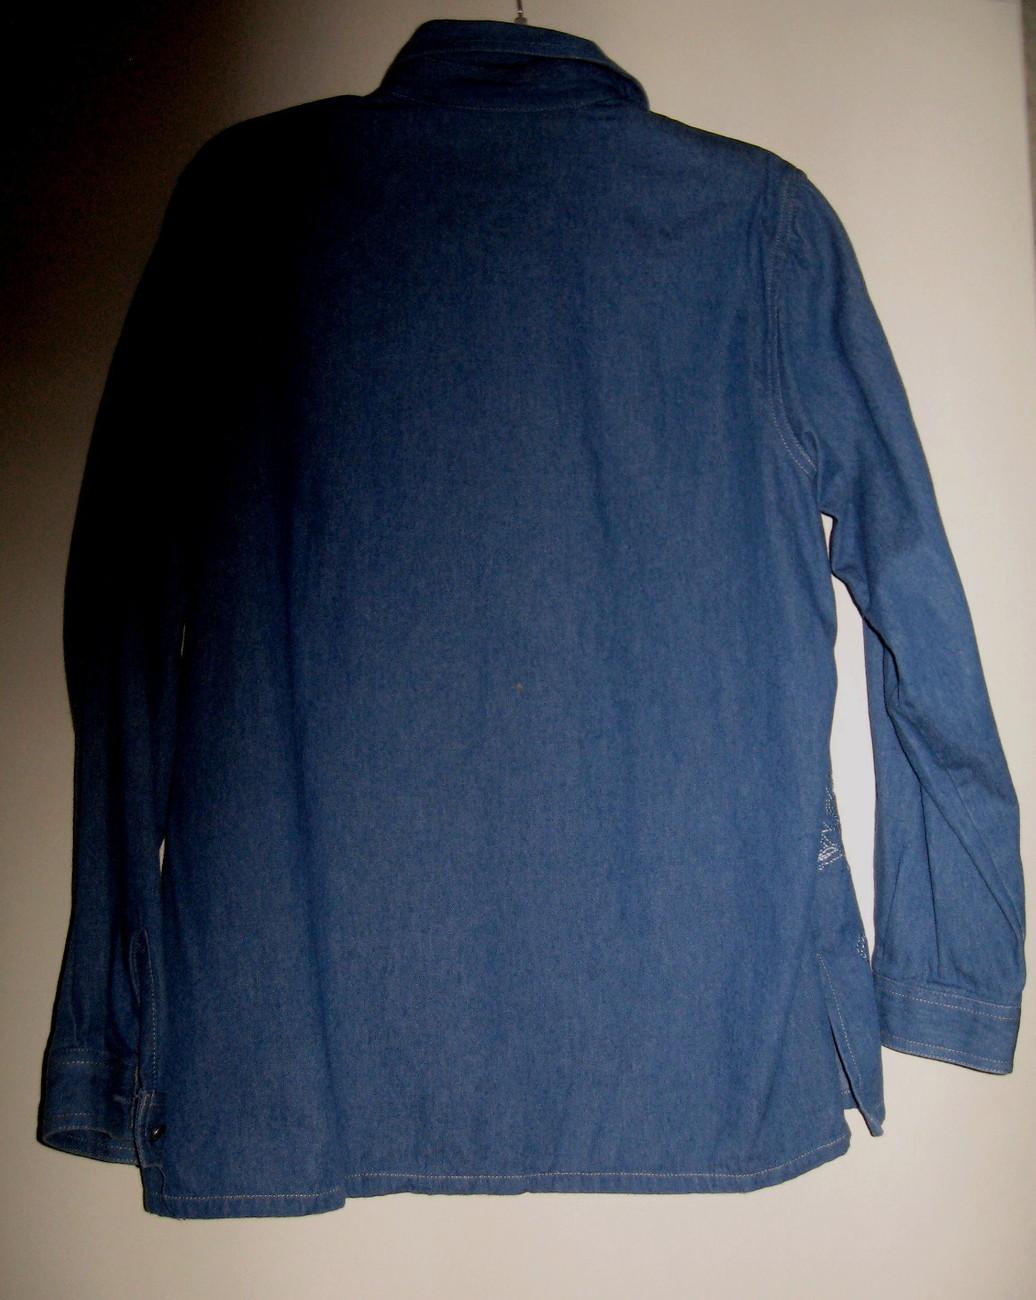 LADIES 100% COTTON BLUE DENIM EMBELLISHED BLOUSE BY KORET CITY BLUES, SIZE M